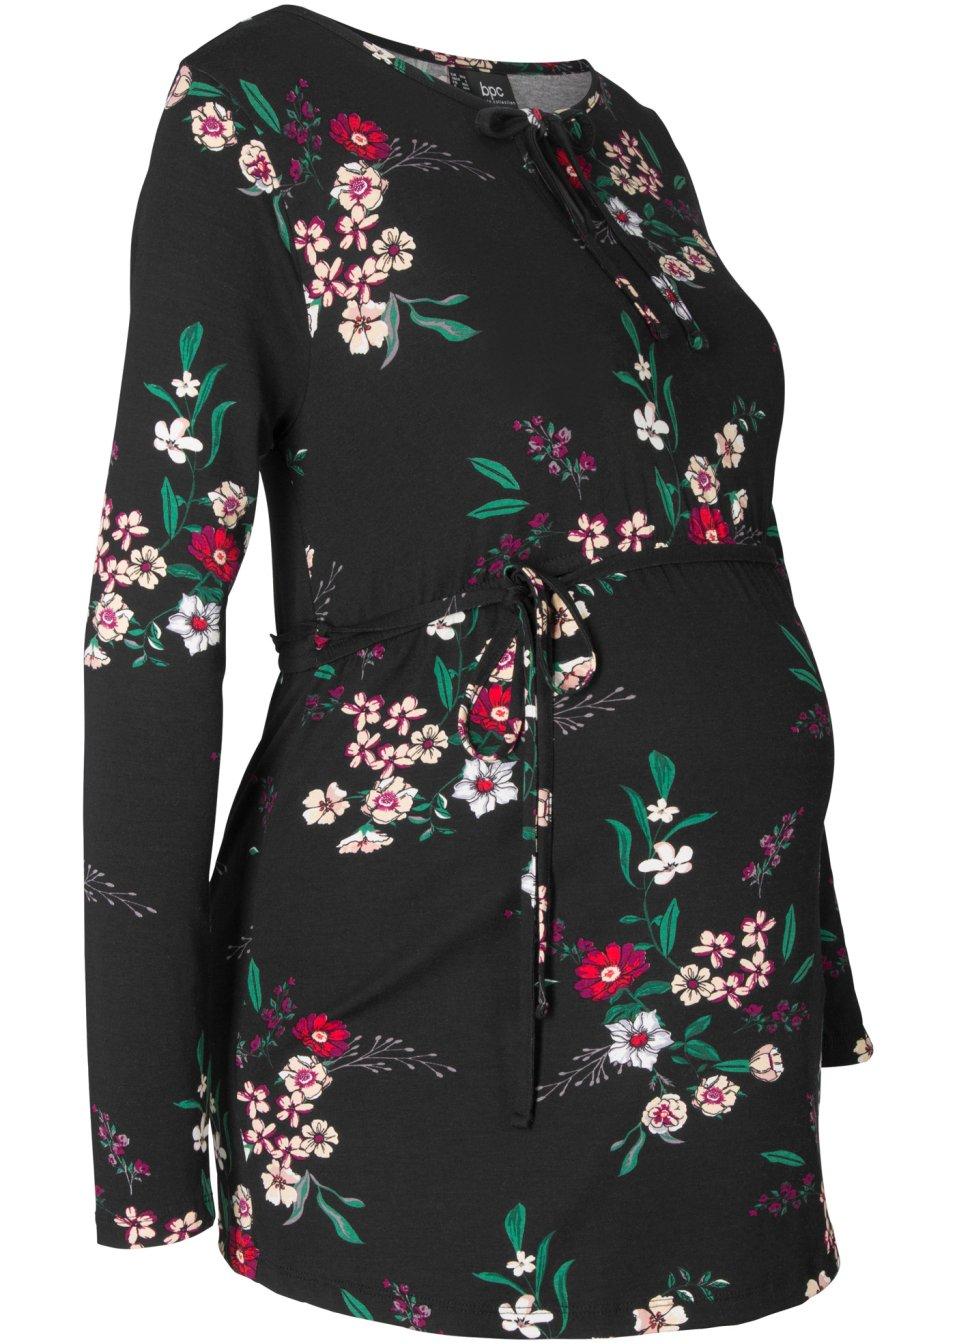 Umstandsshirt aus Viskose mit Blumendruck und Bindedetail - schwarz geblümt APs4e KbuTN